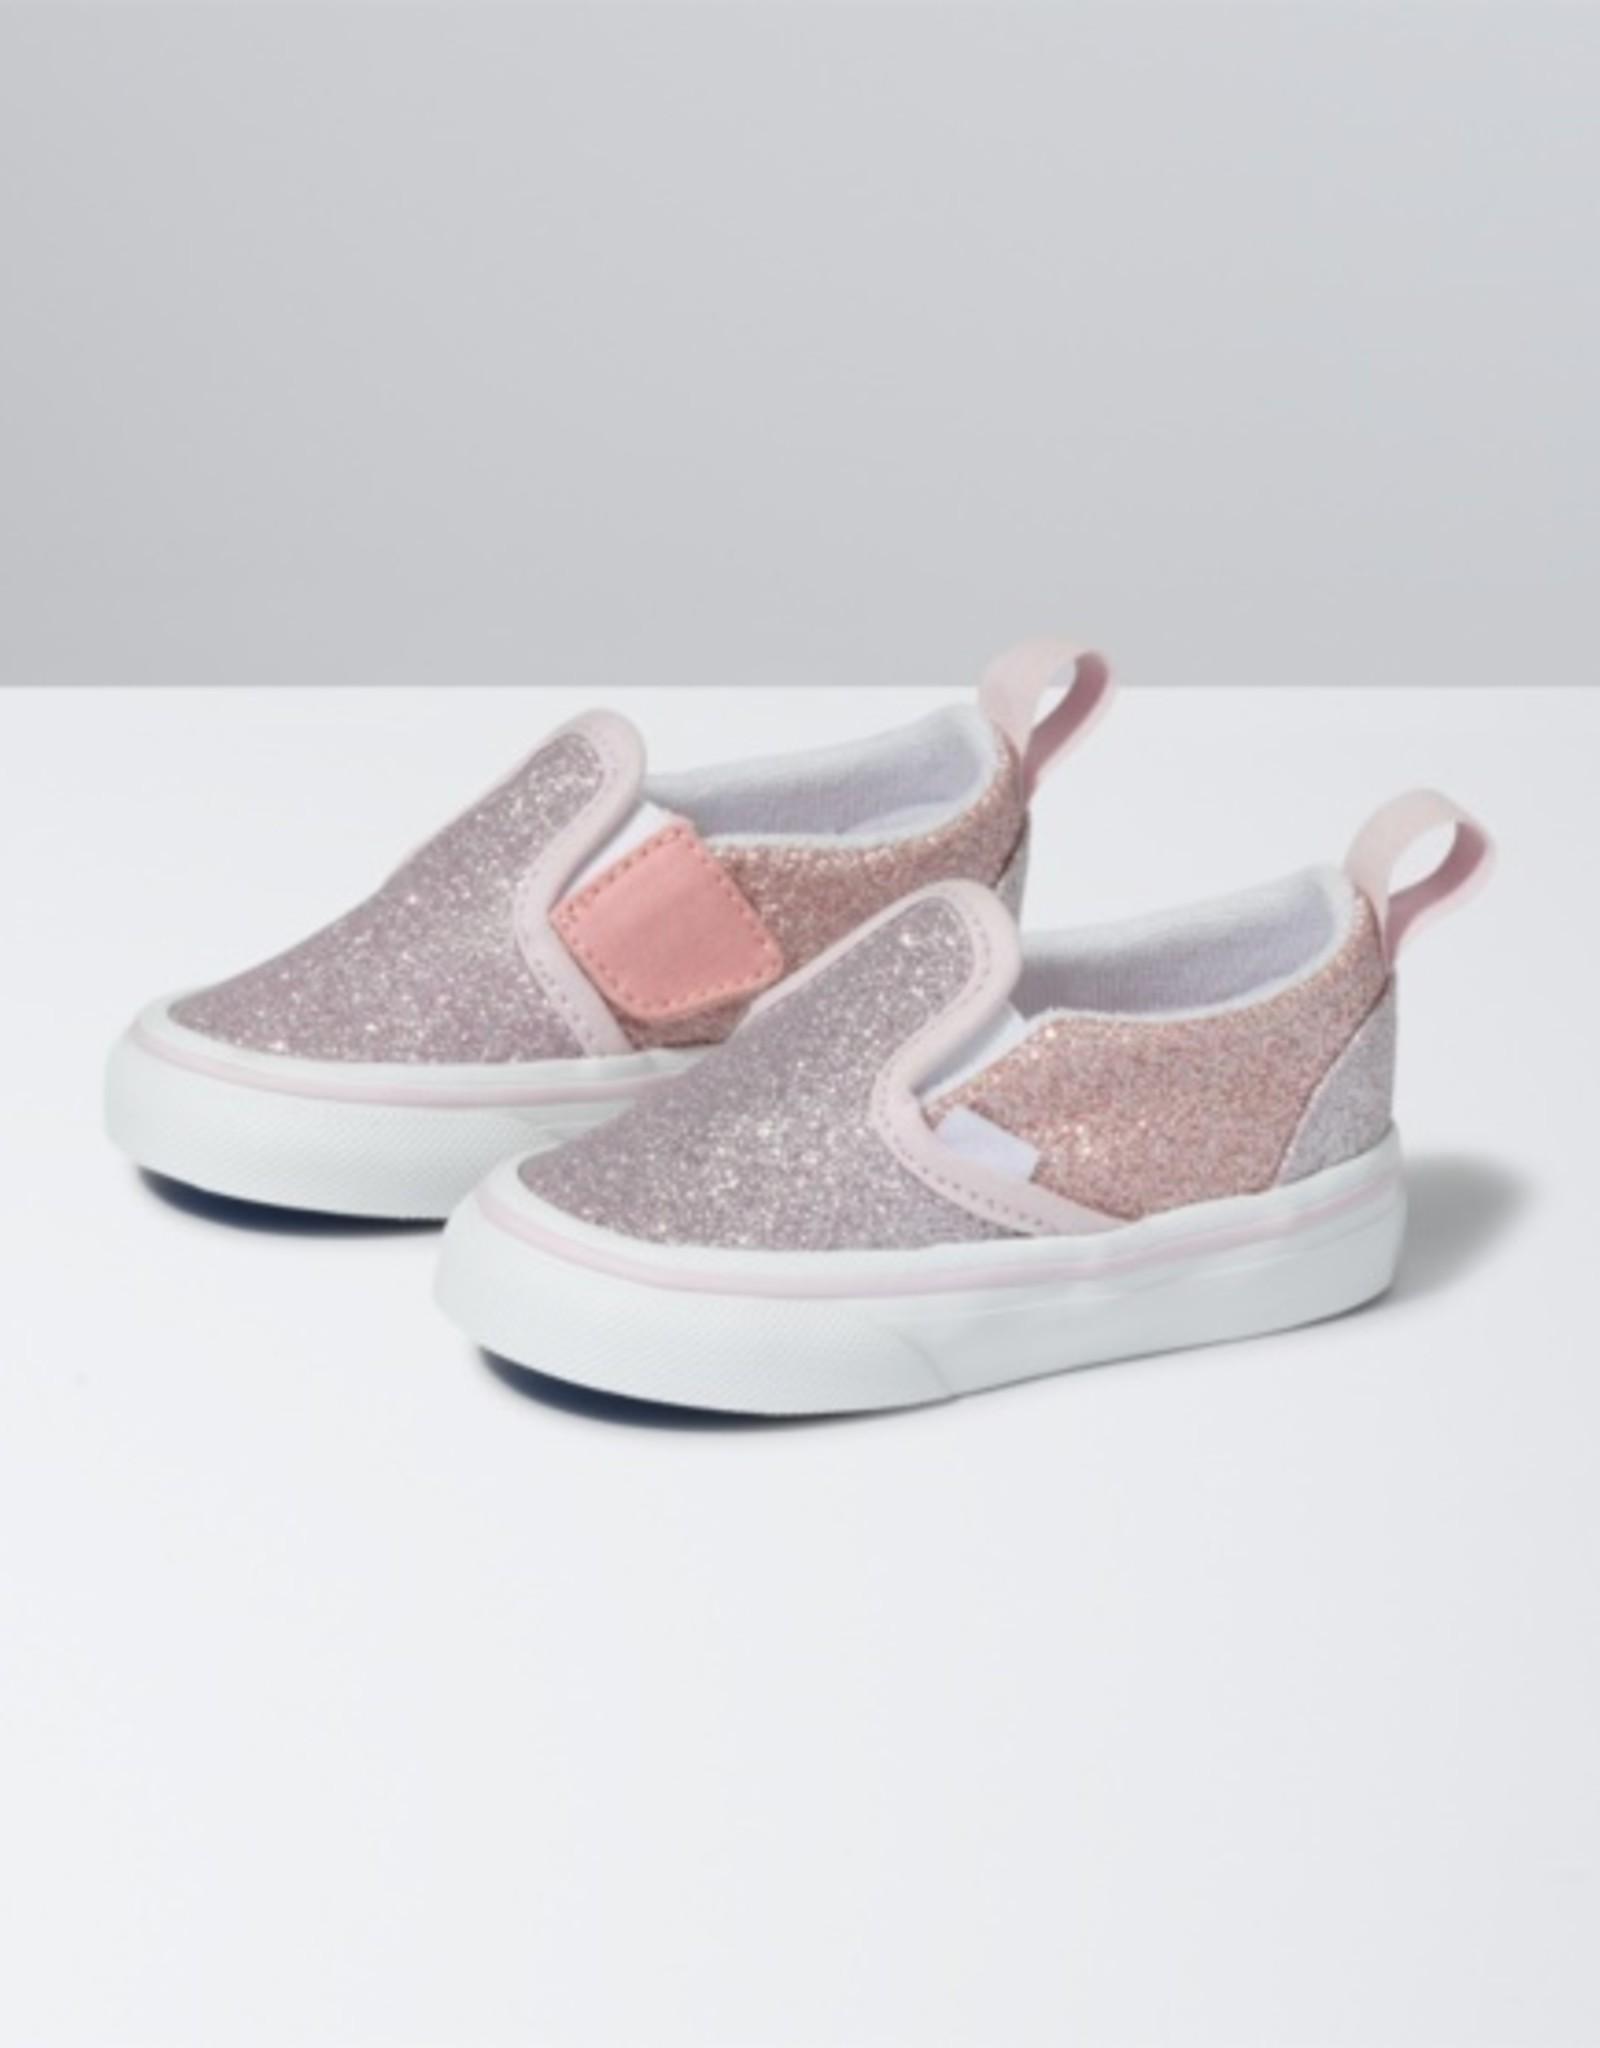 Vans Slip-On V Pink 2 Tone Glitter